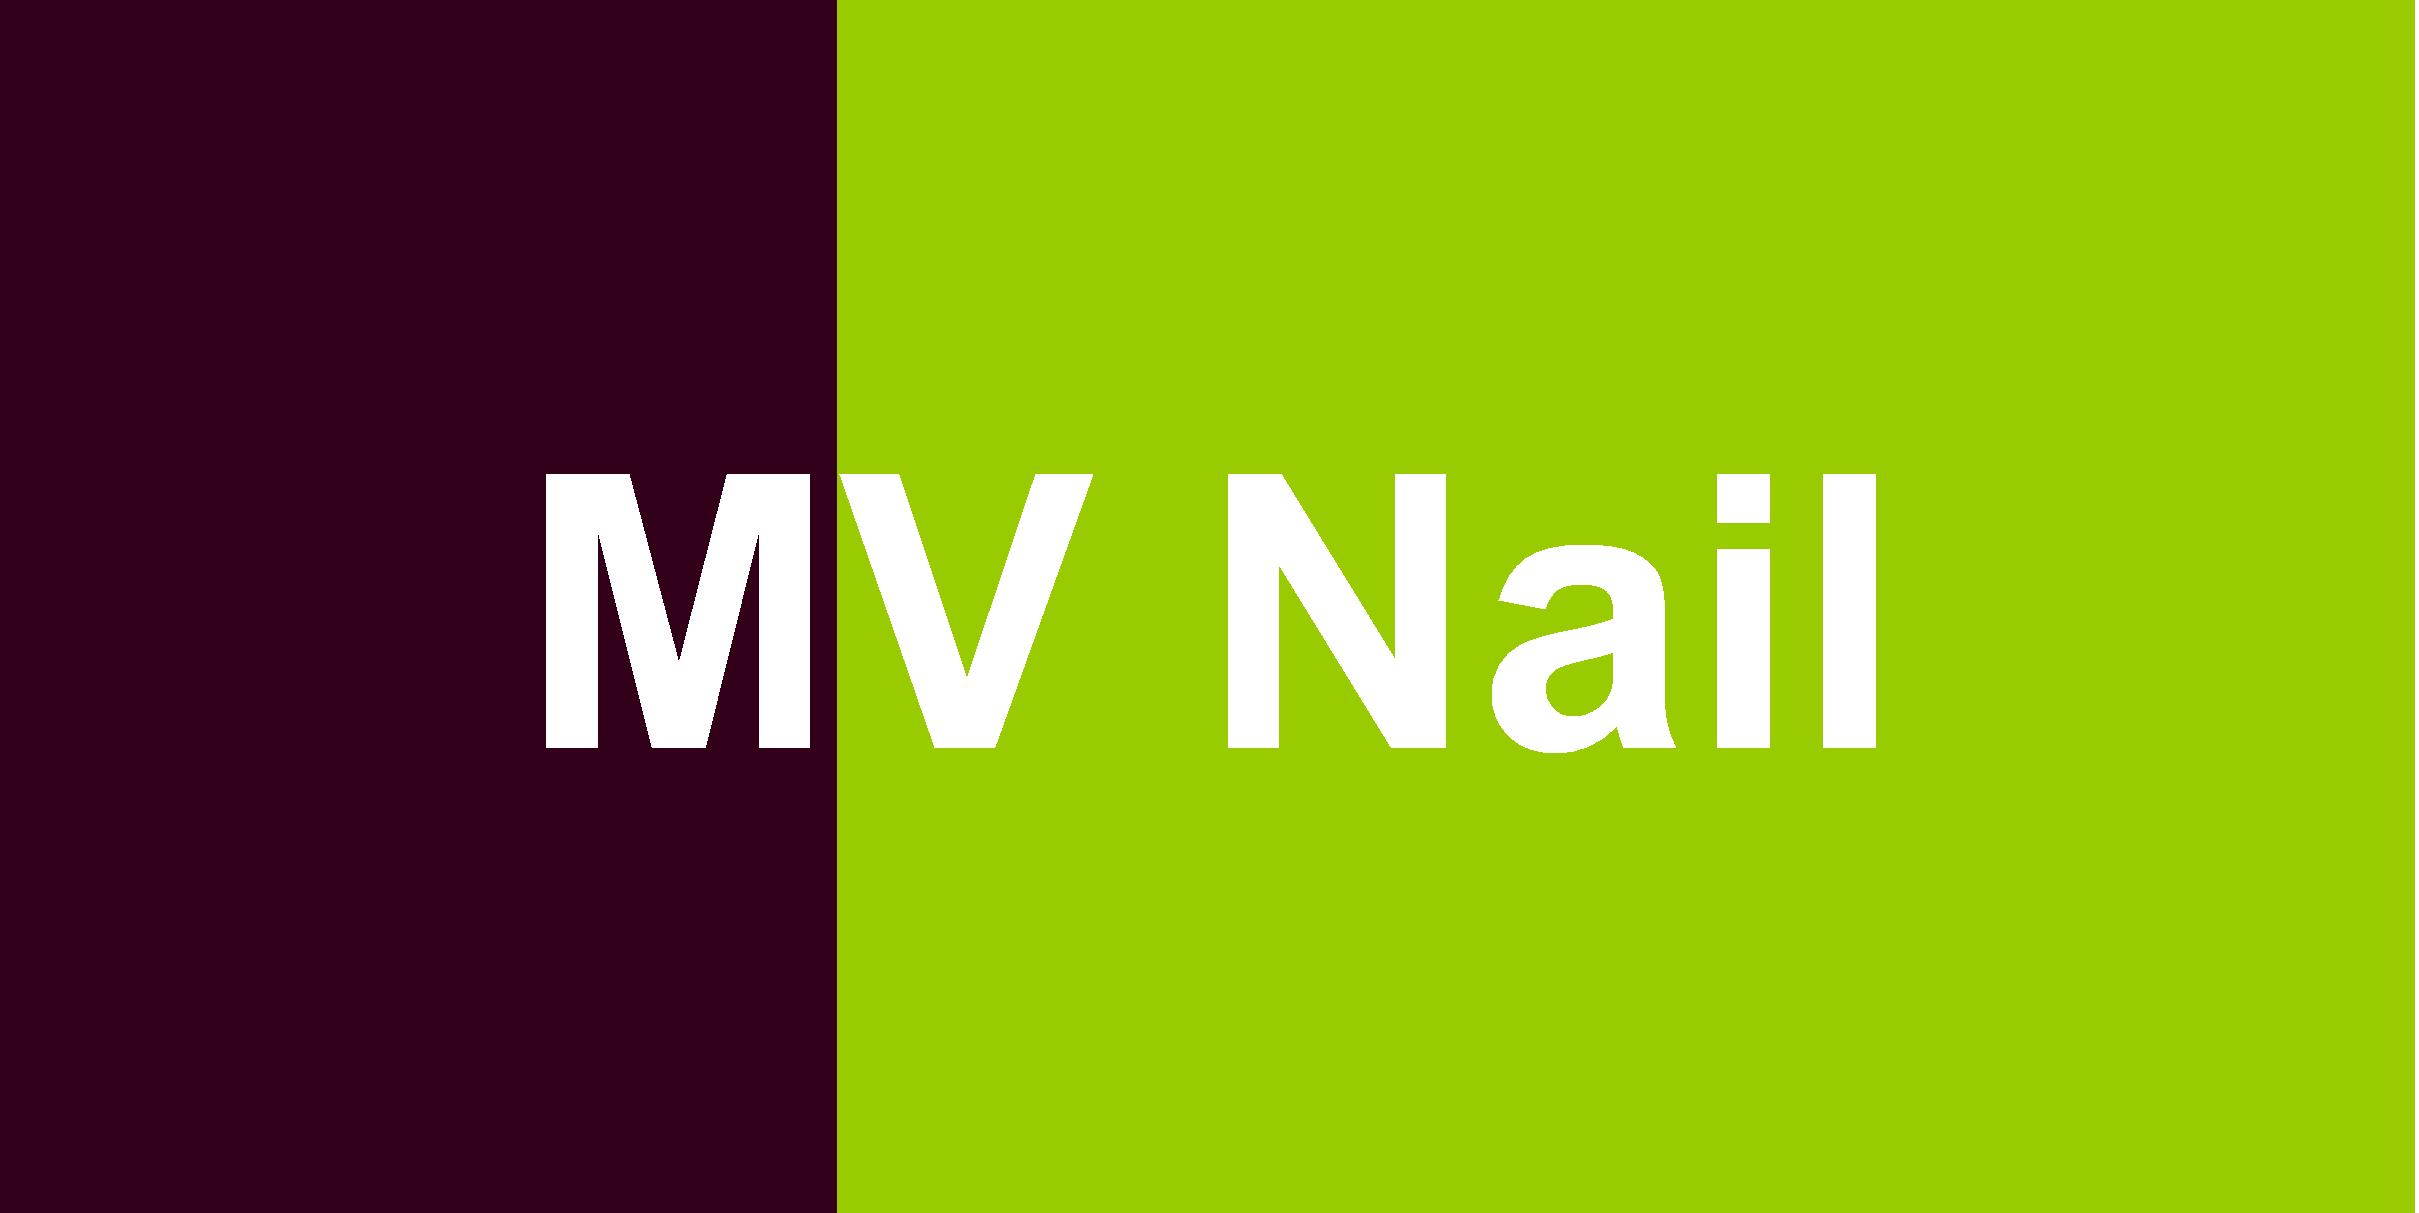 MV Nail - Nail salon in Rock Hill, SC 29730